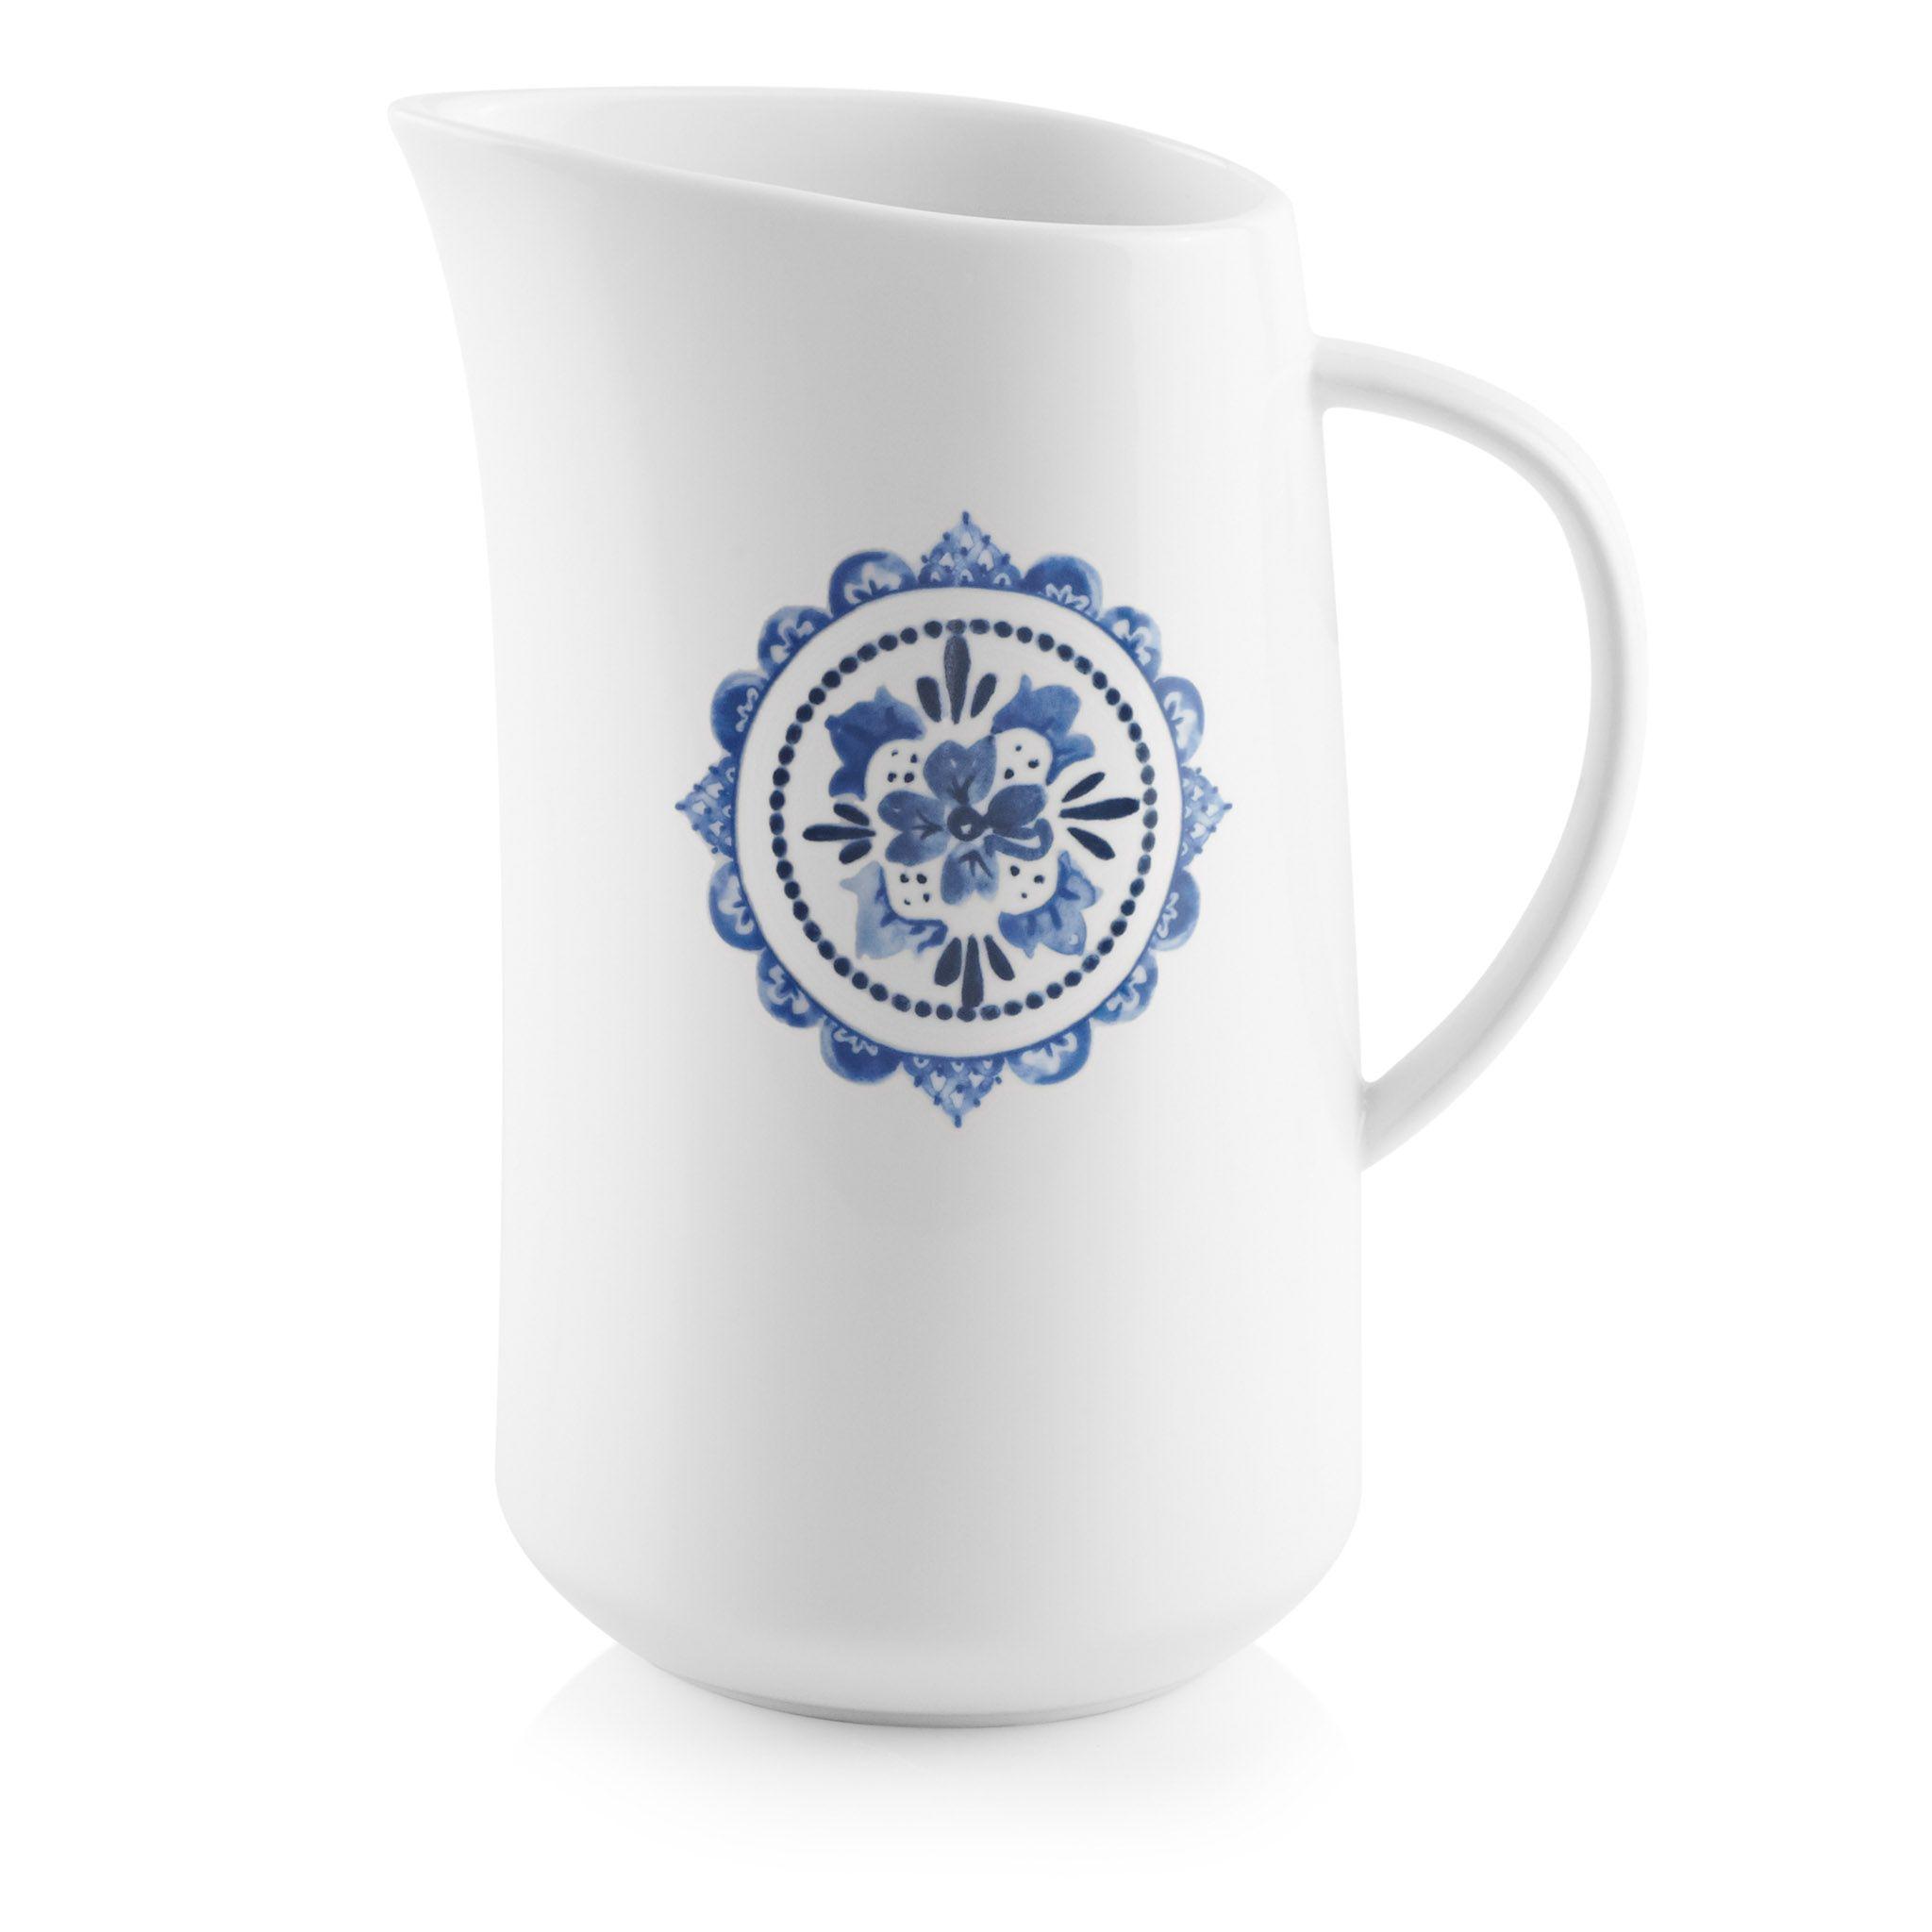 Portofino 2.5-quart Porcelain Pitcher